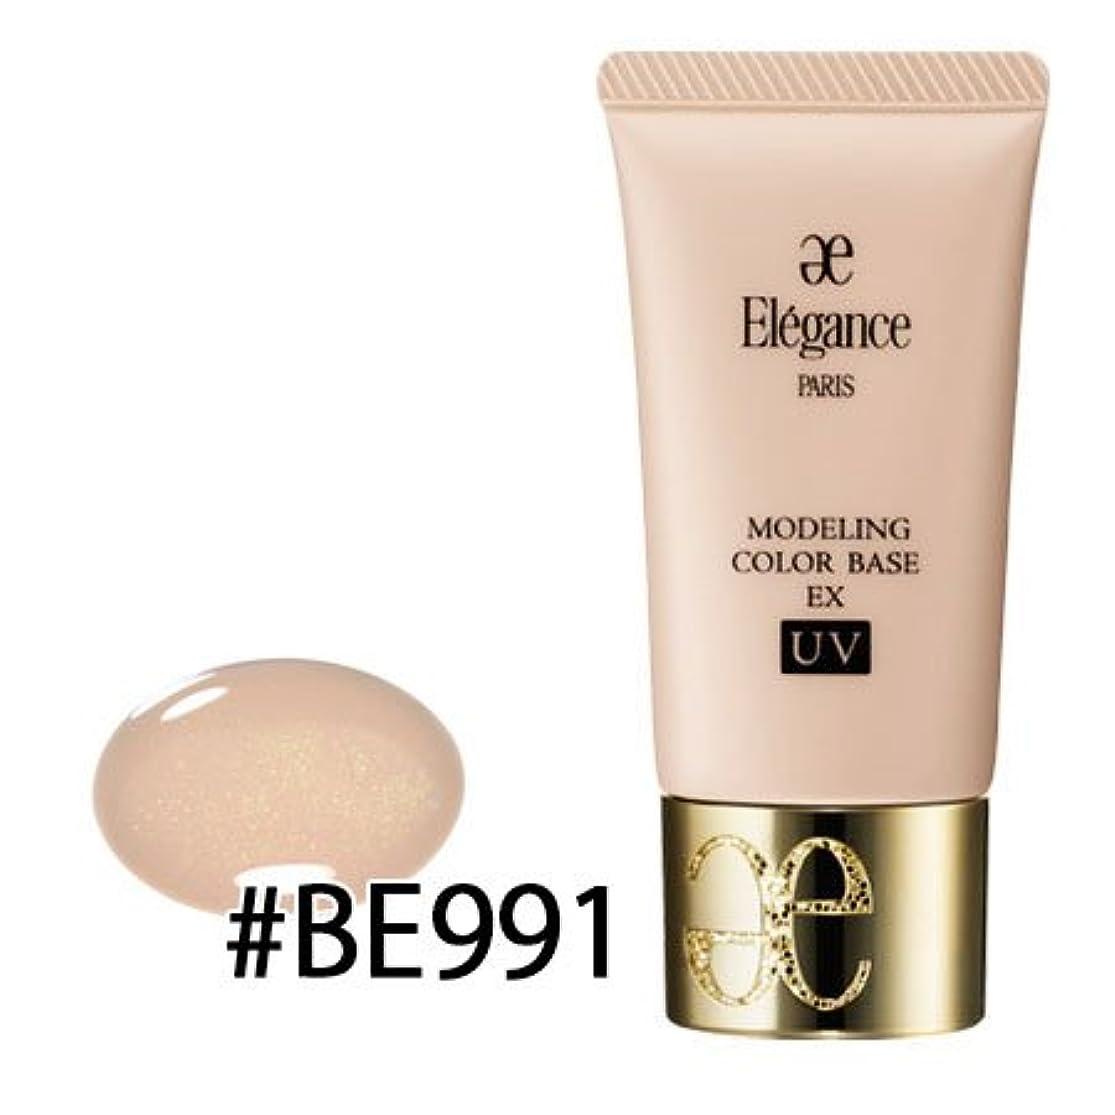 ウィザード慣れるそれらエレガンス モデリング カラーベース EX UV #BE991